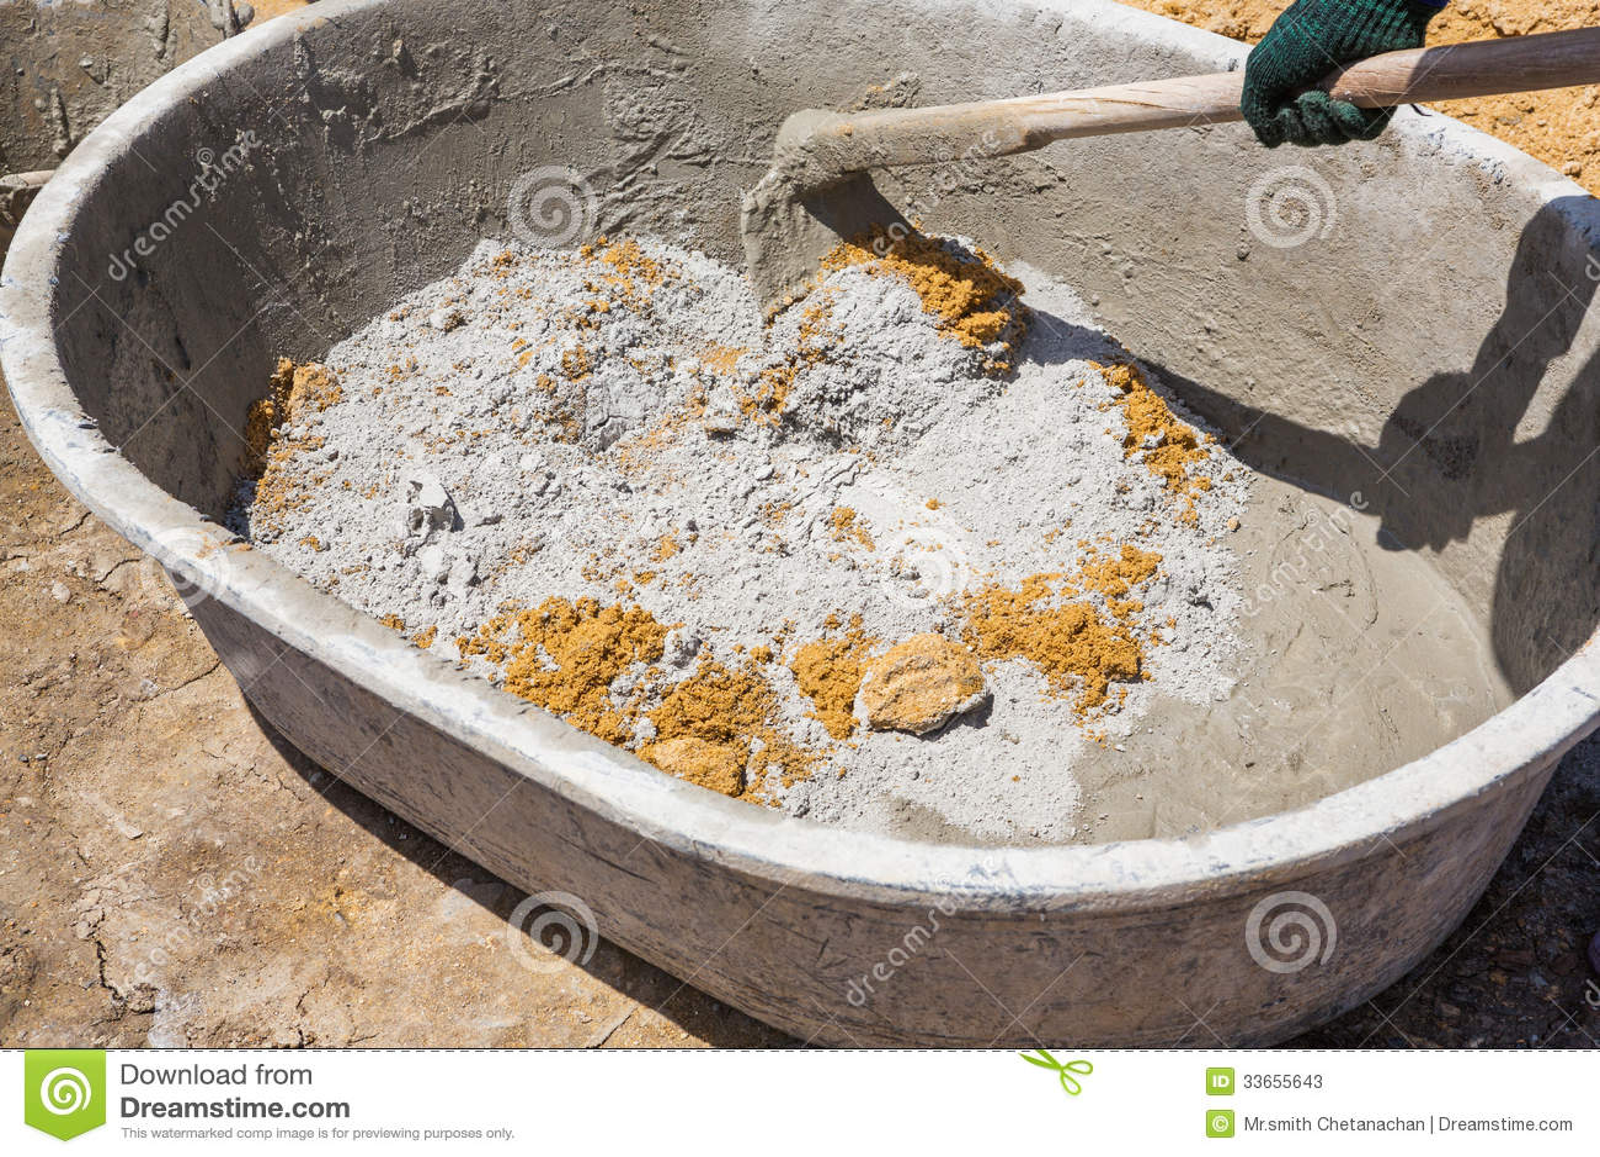 Concrete Mixing Tub : Mixing concrete in tub stock photos image